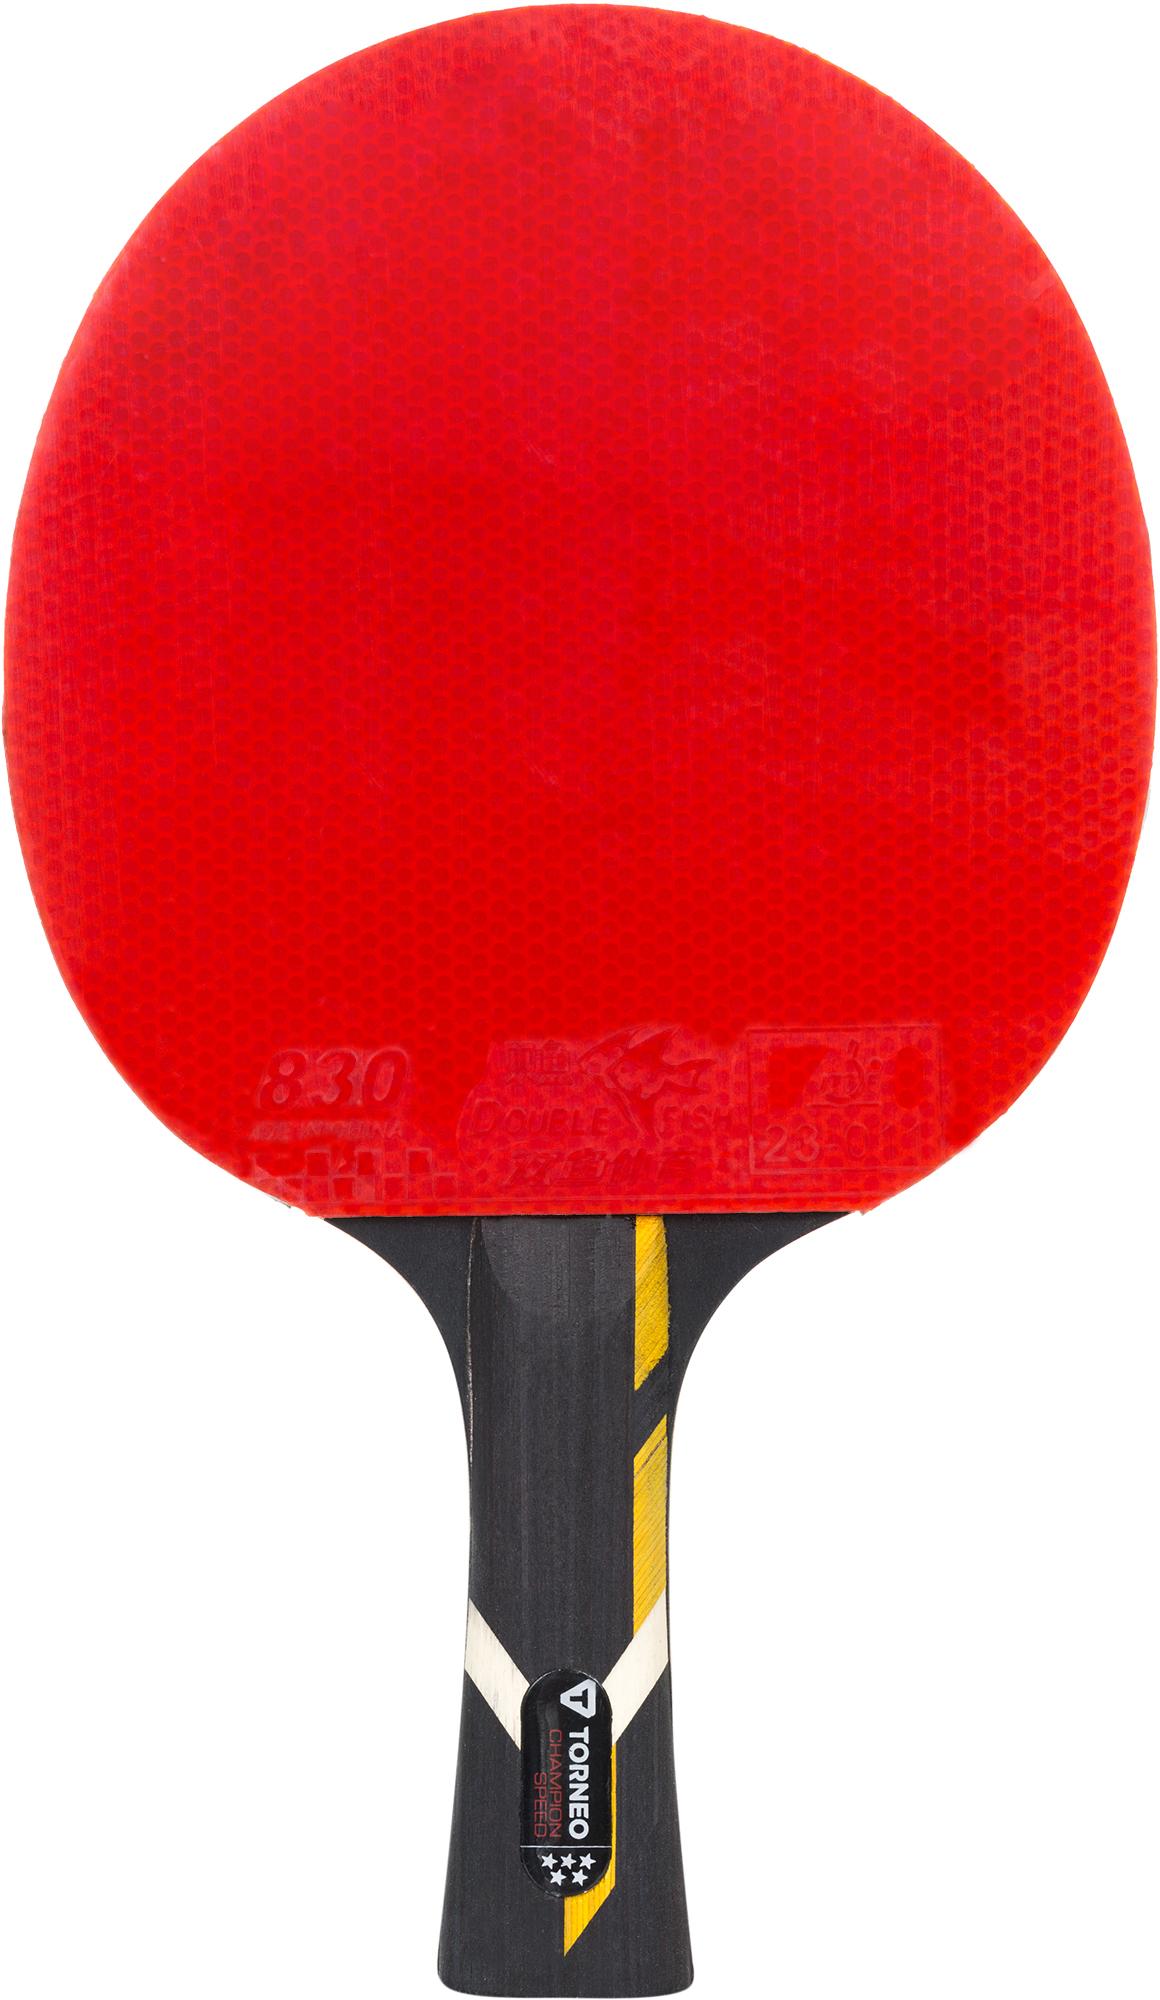 Torneo Ракетка для настольного тенниса Torneo Champion Speed torneo ракетка для большого тенниса детская torneo 25 размер без размера